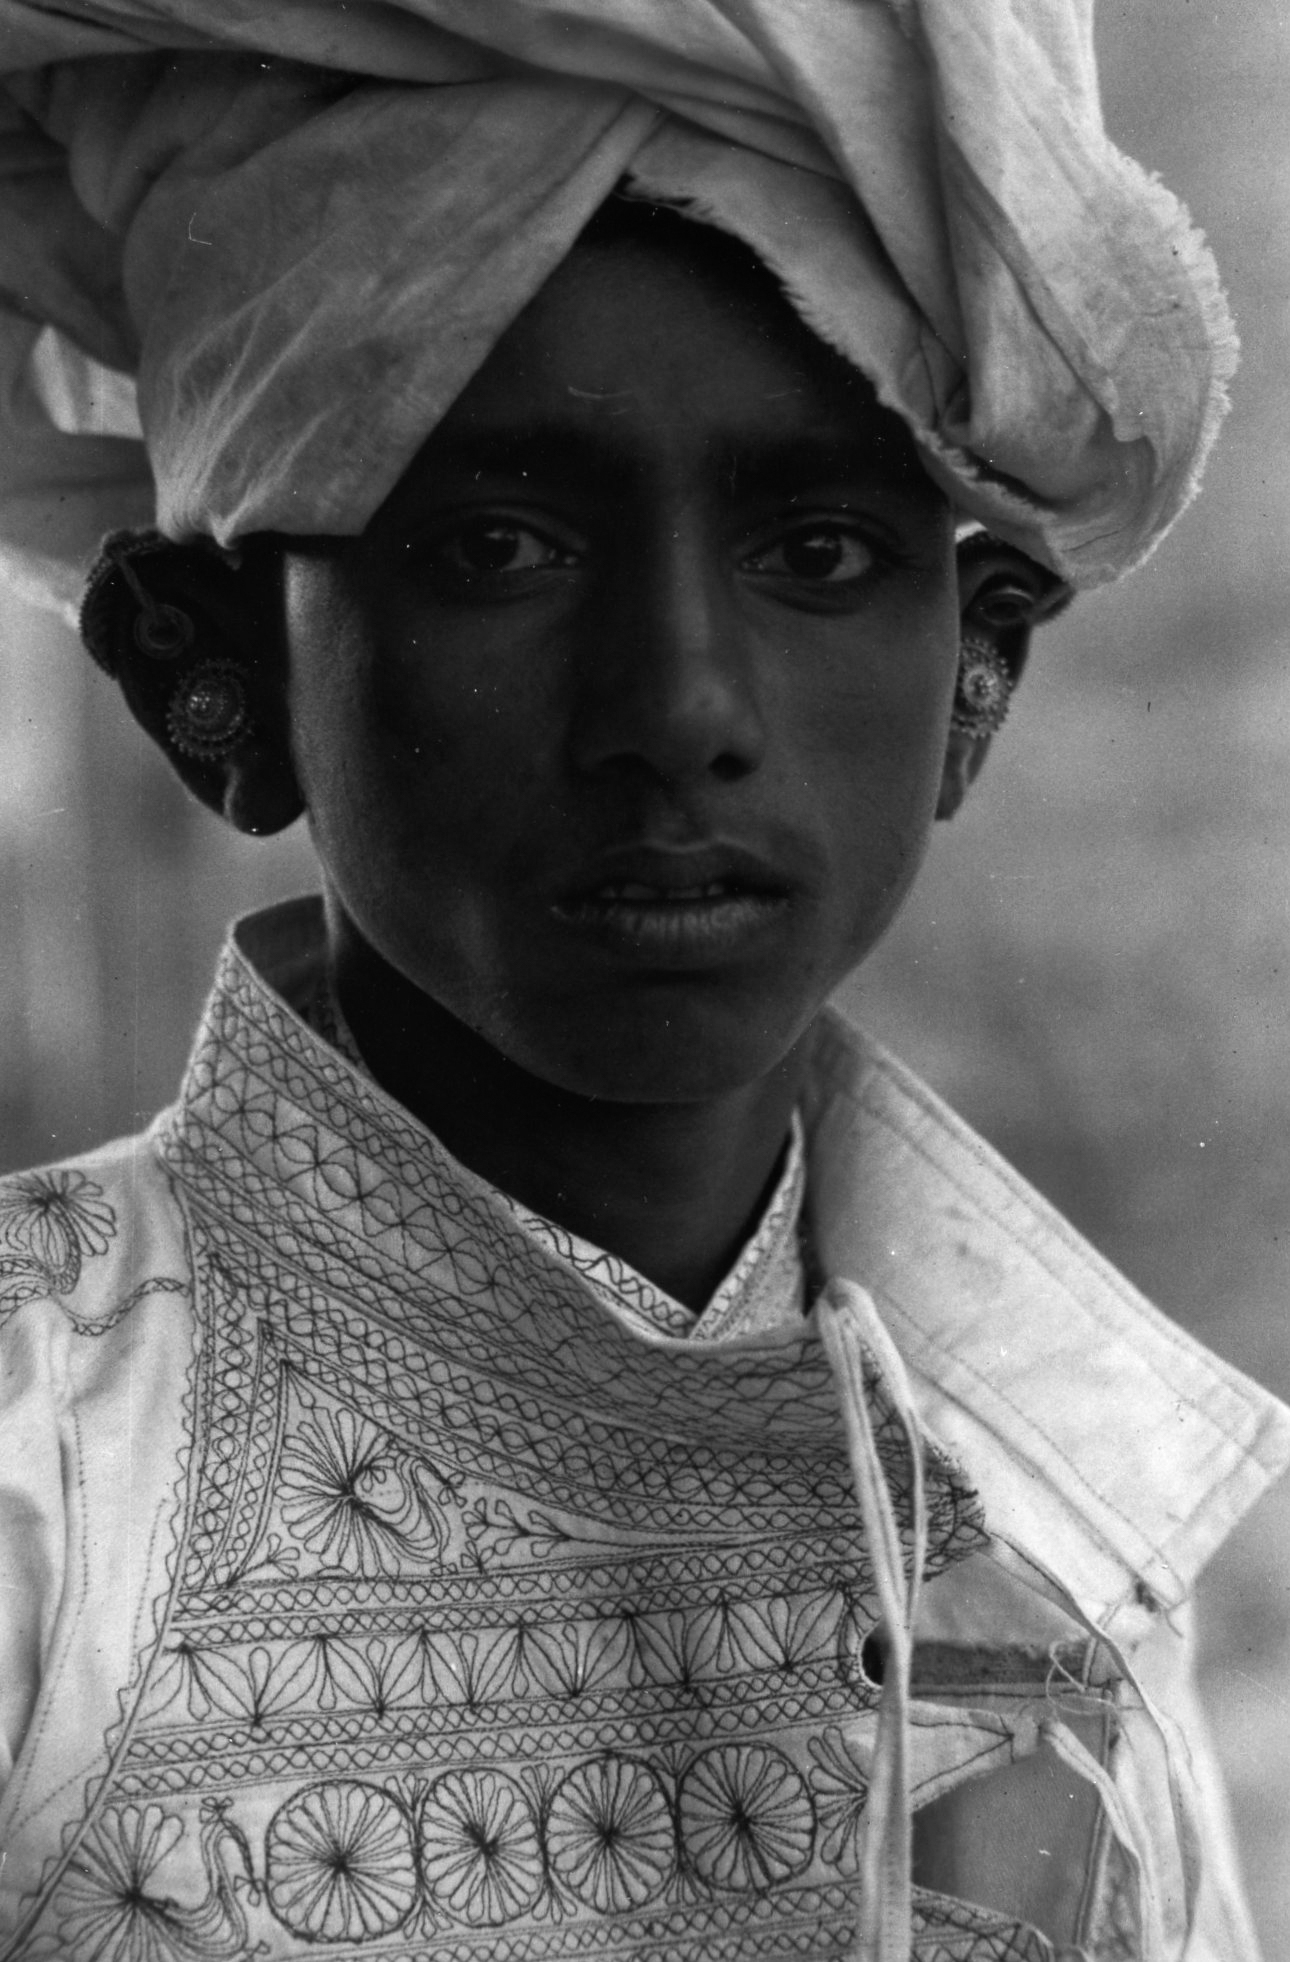 Young Boy Wearing Turban & Earrings, Calcutta , 1959